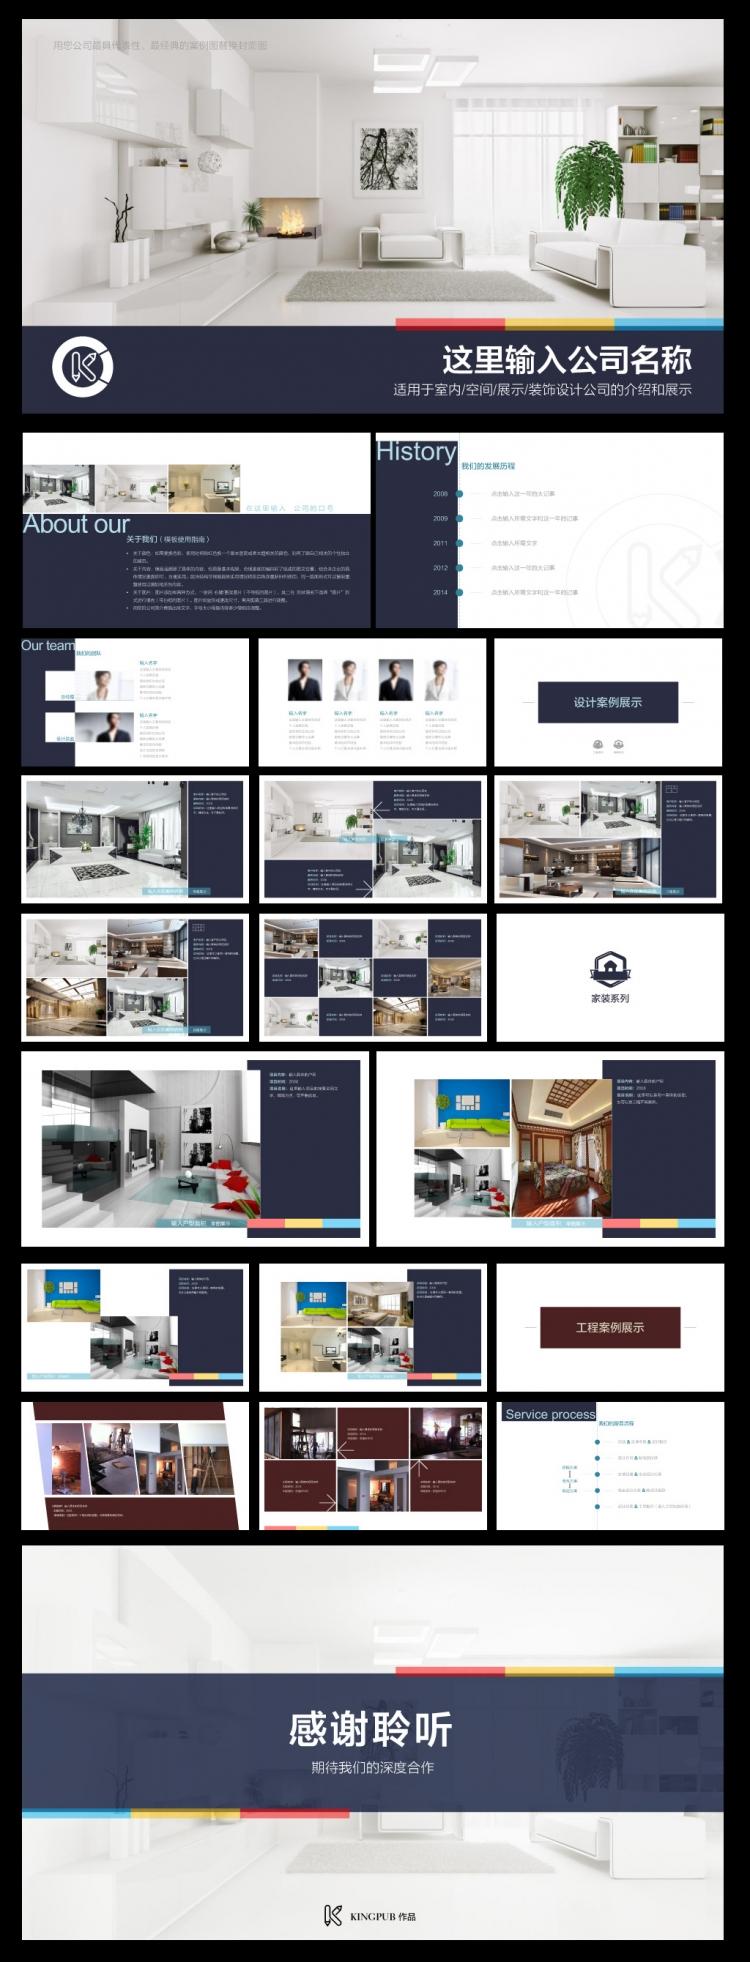 关于室内设计ppt展示模板